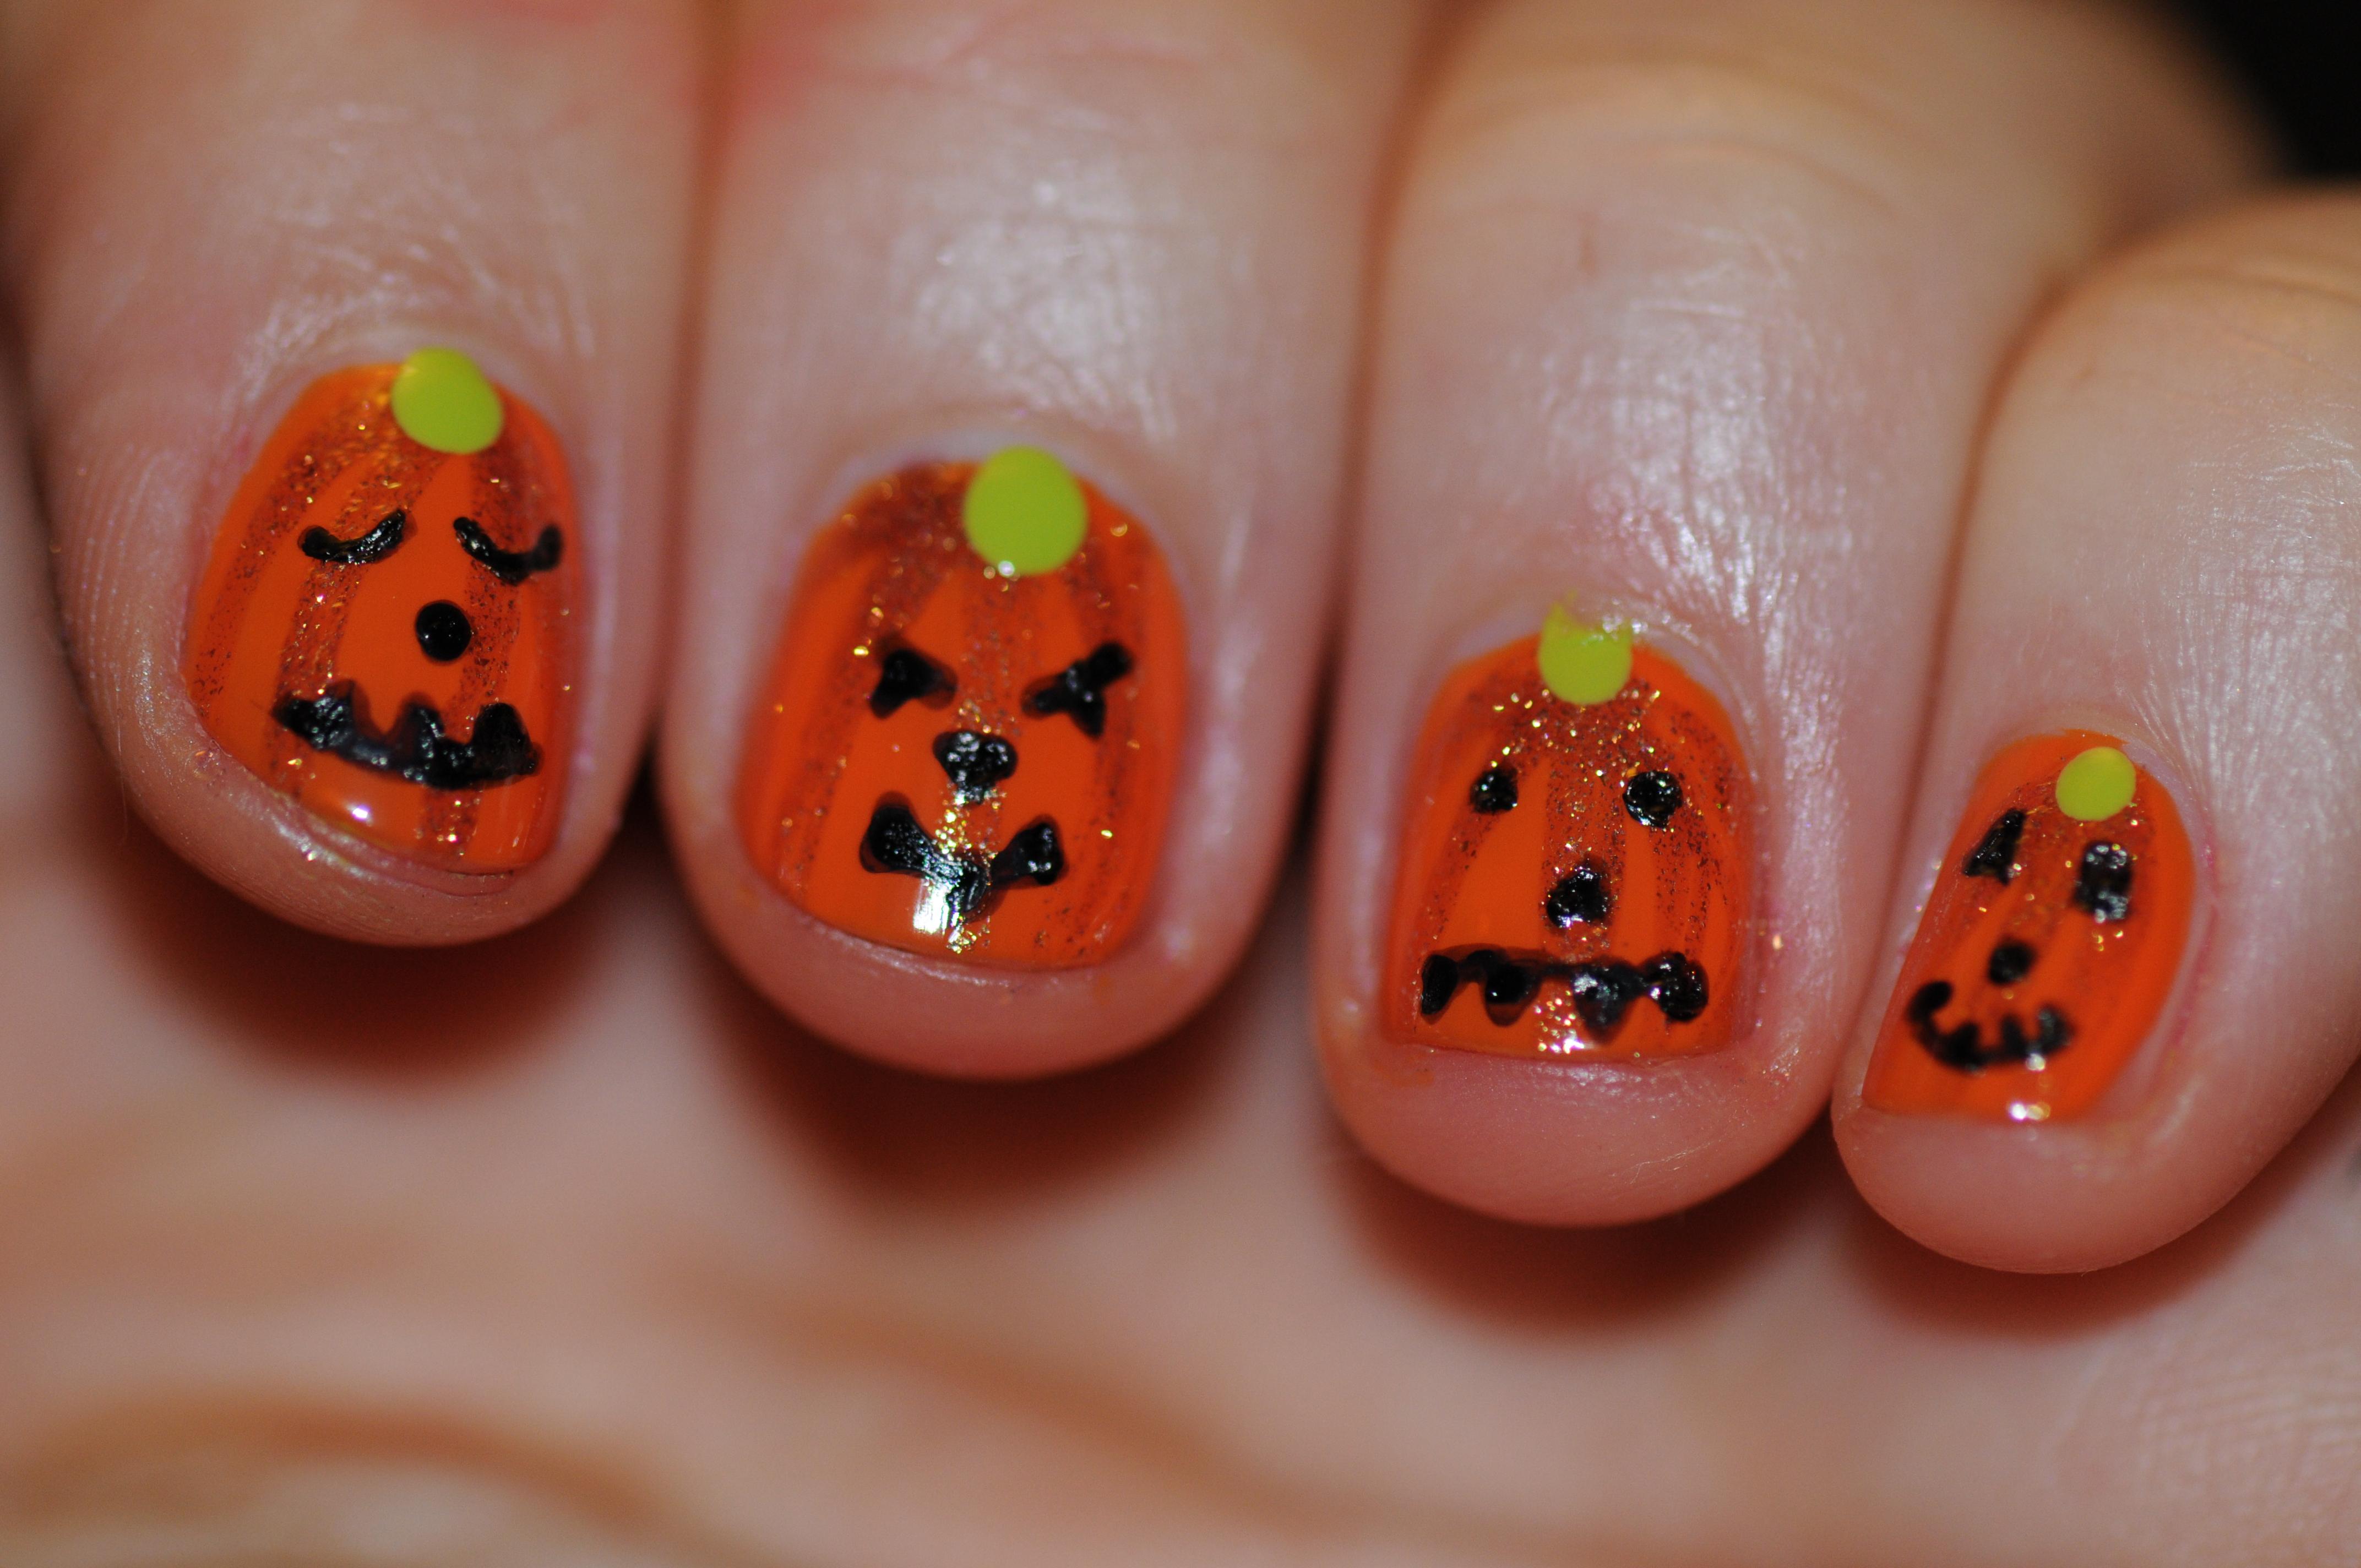 Voici une petite manucure assez simple et rigolote pour Halloween 🙂